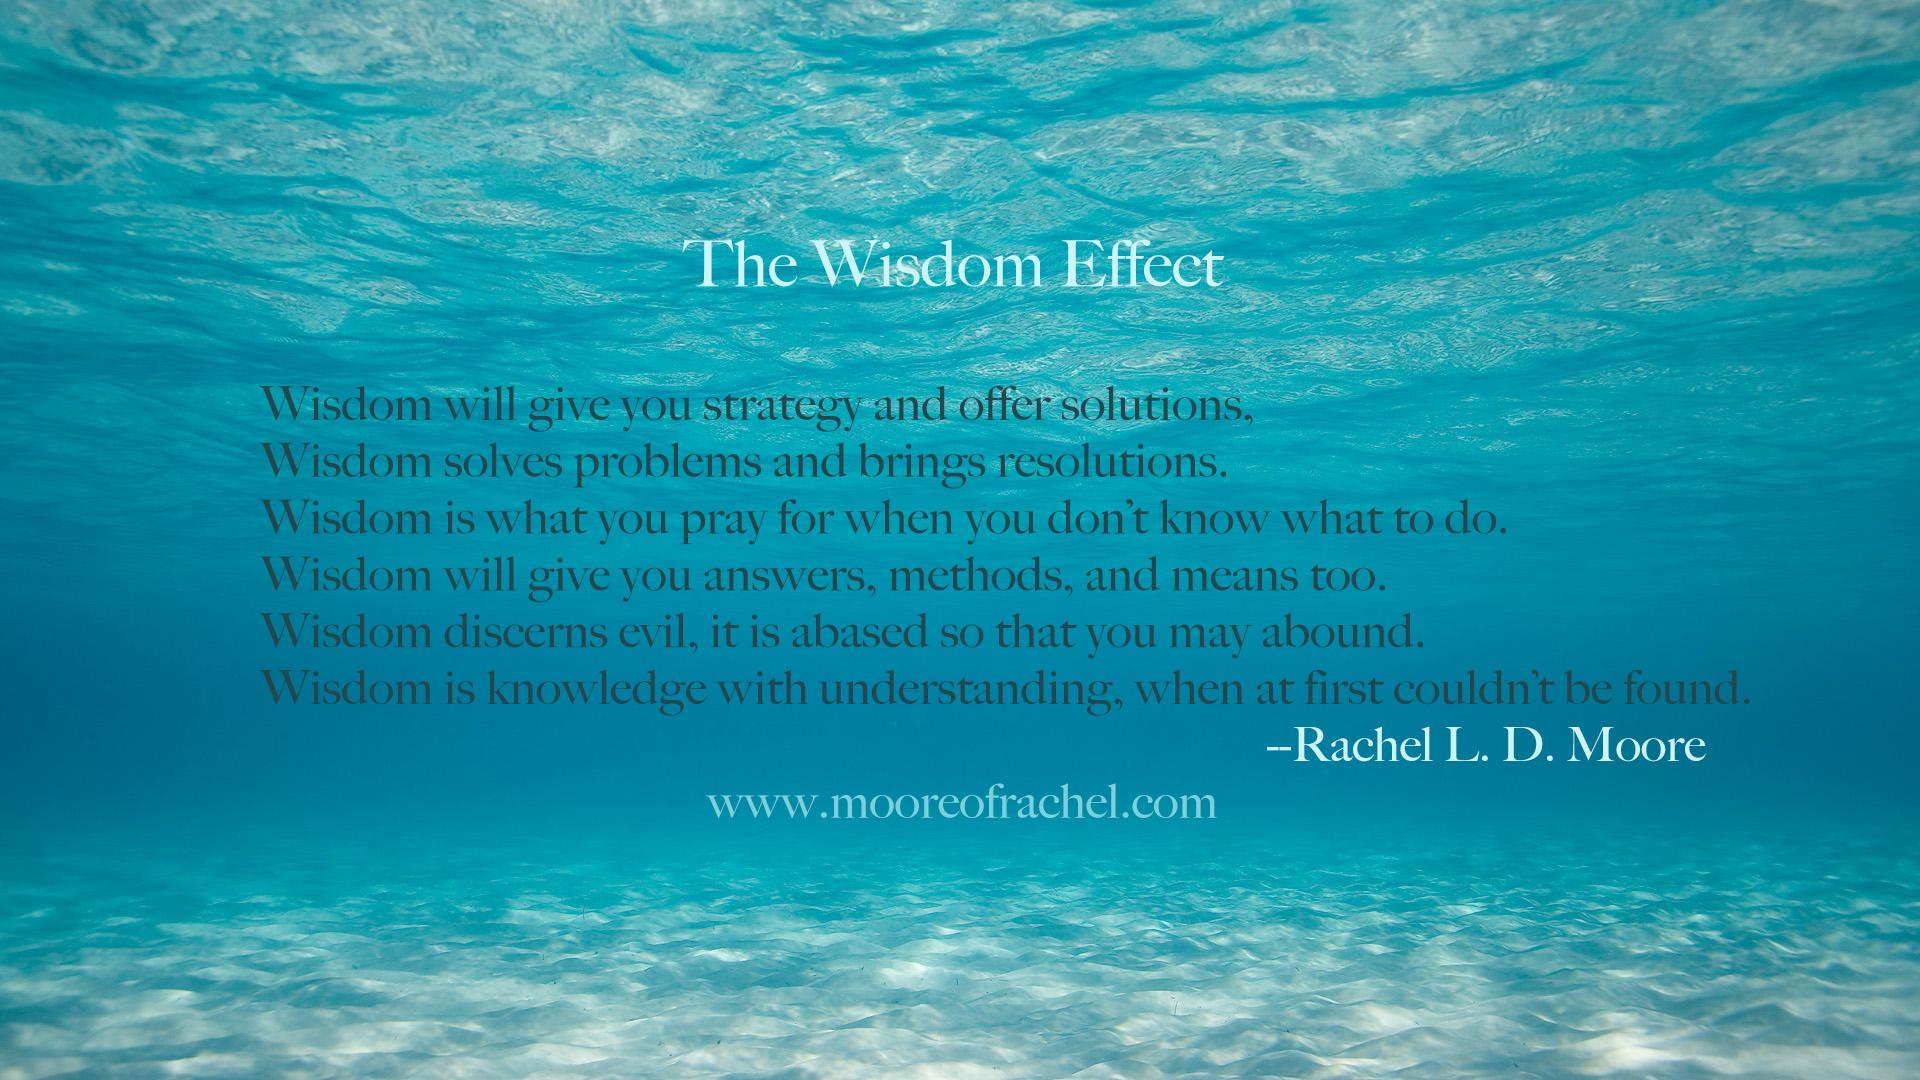 Wisdom Effect poem